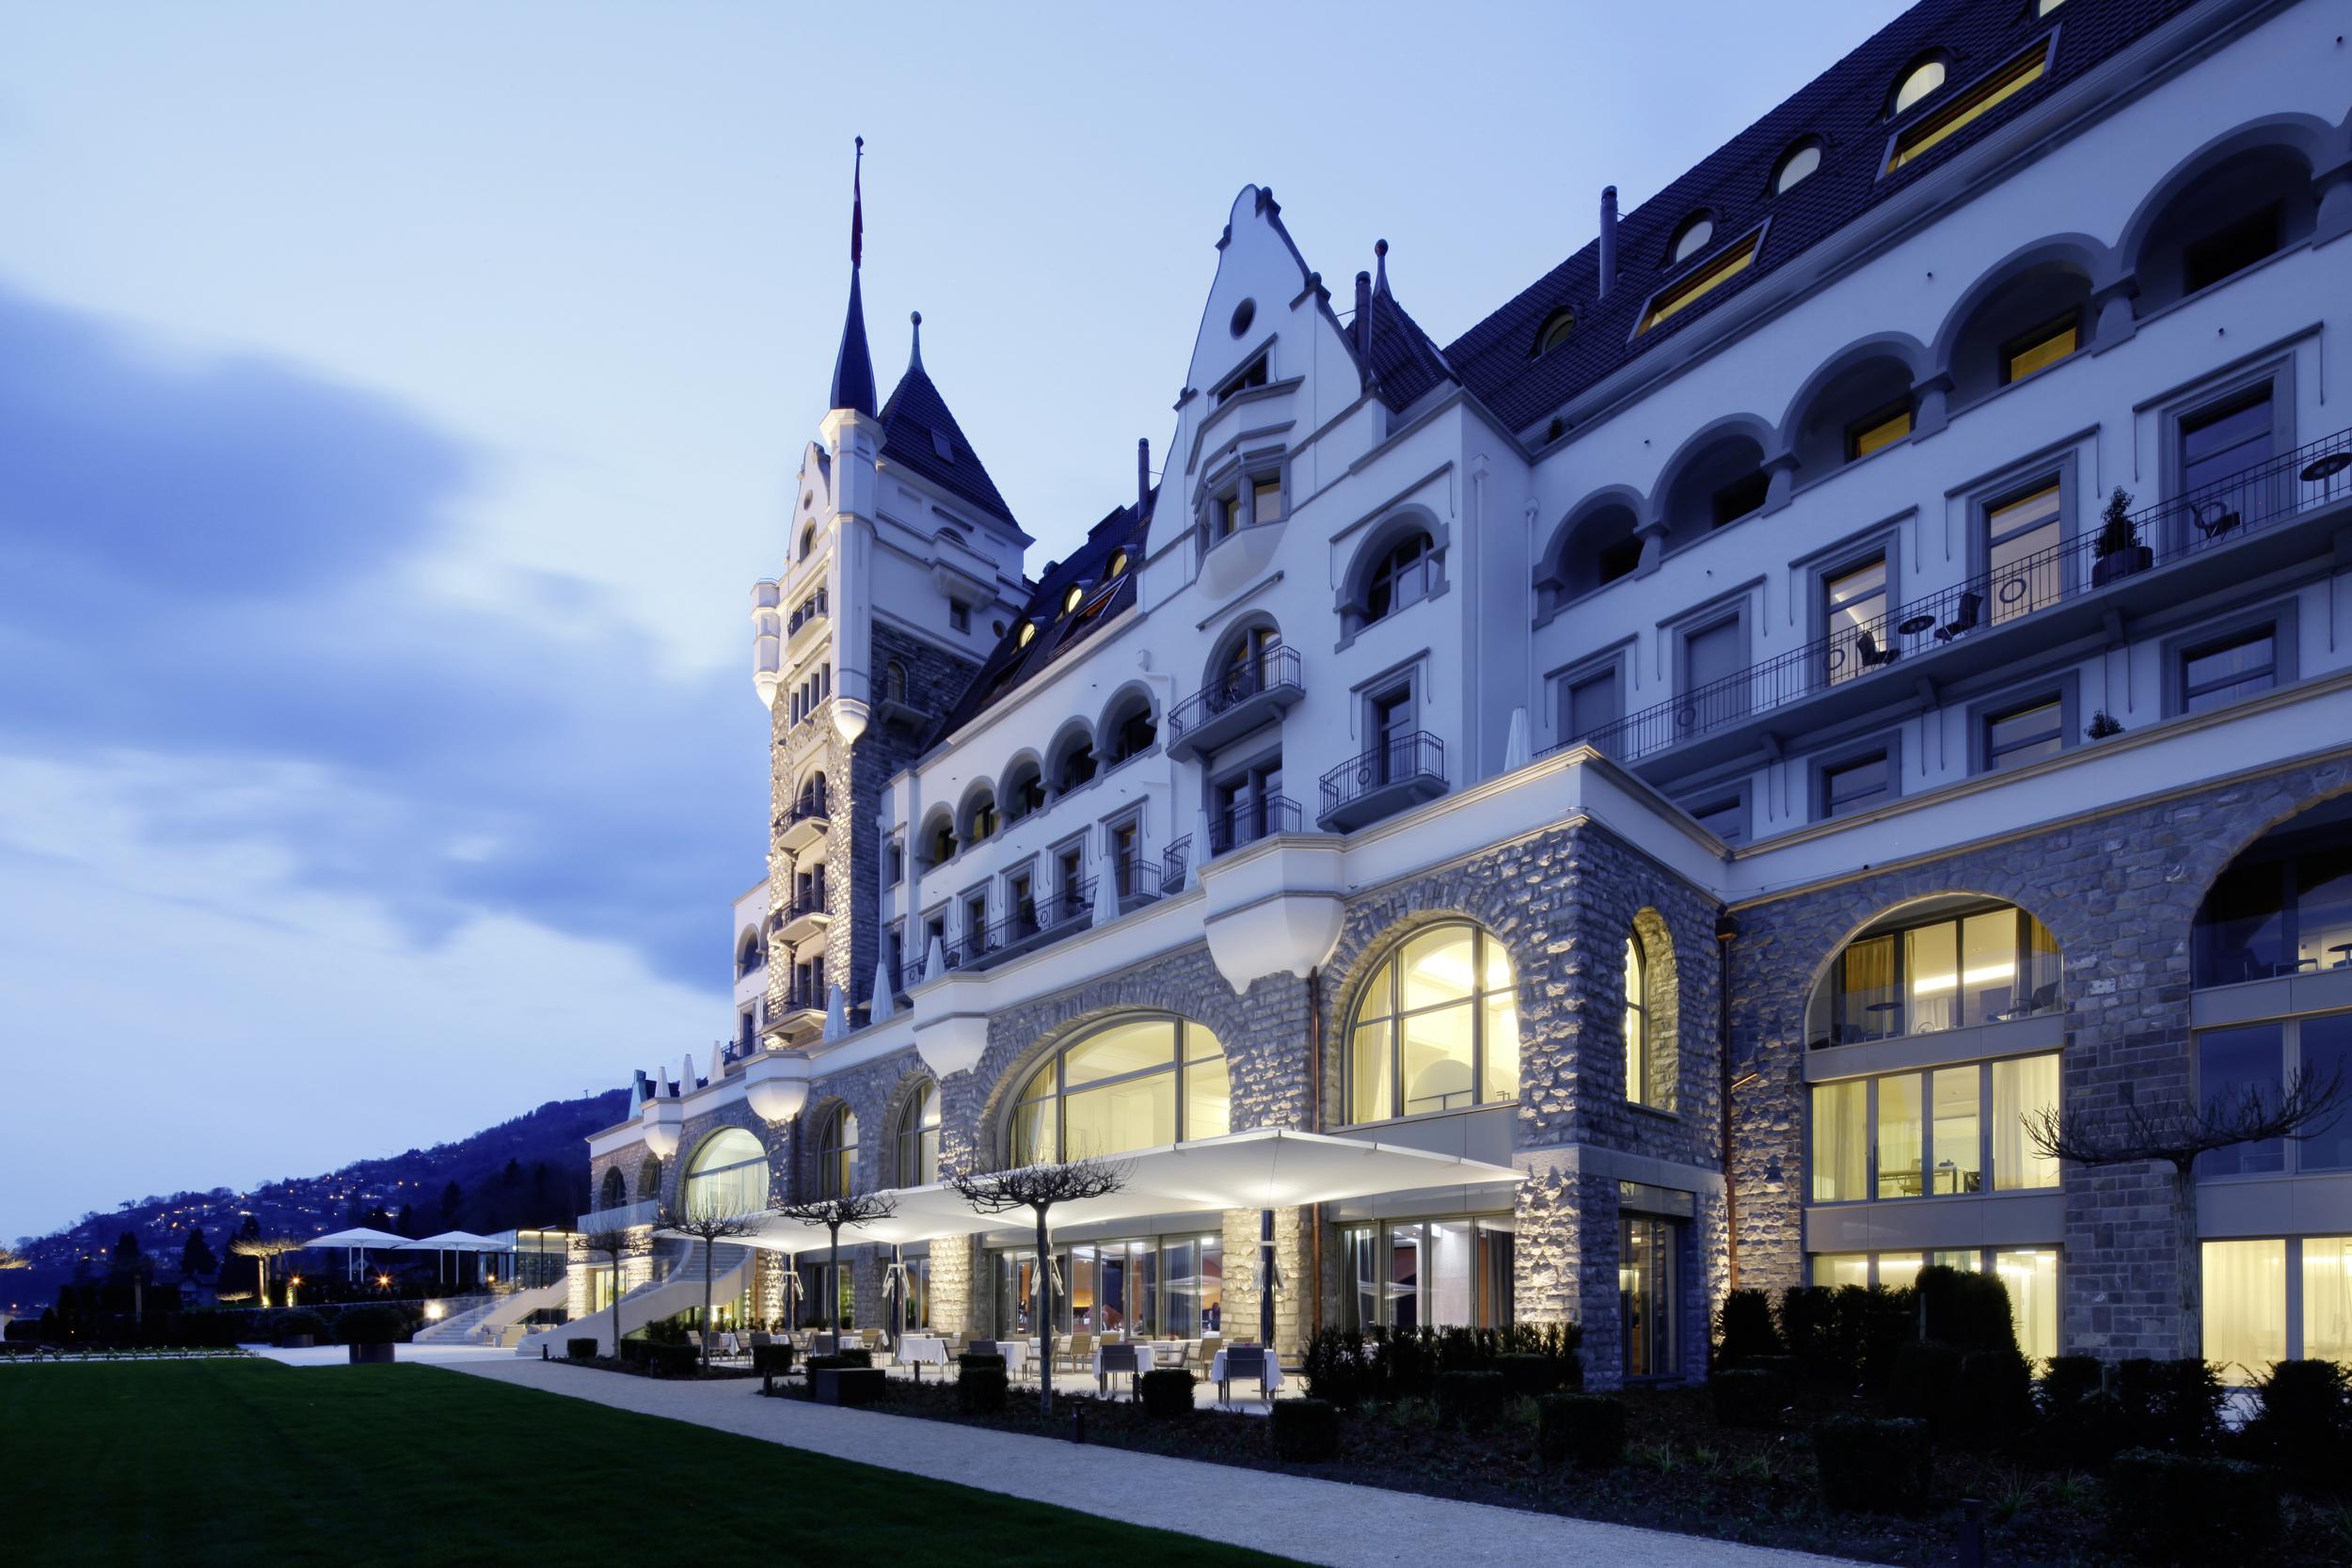 Park Hotel Vitznau, photograph © Helmut Karl Lackner, Foto 3033.jpg